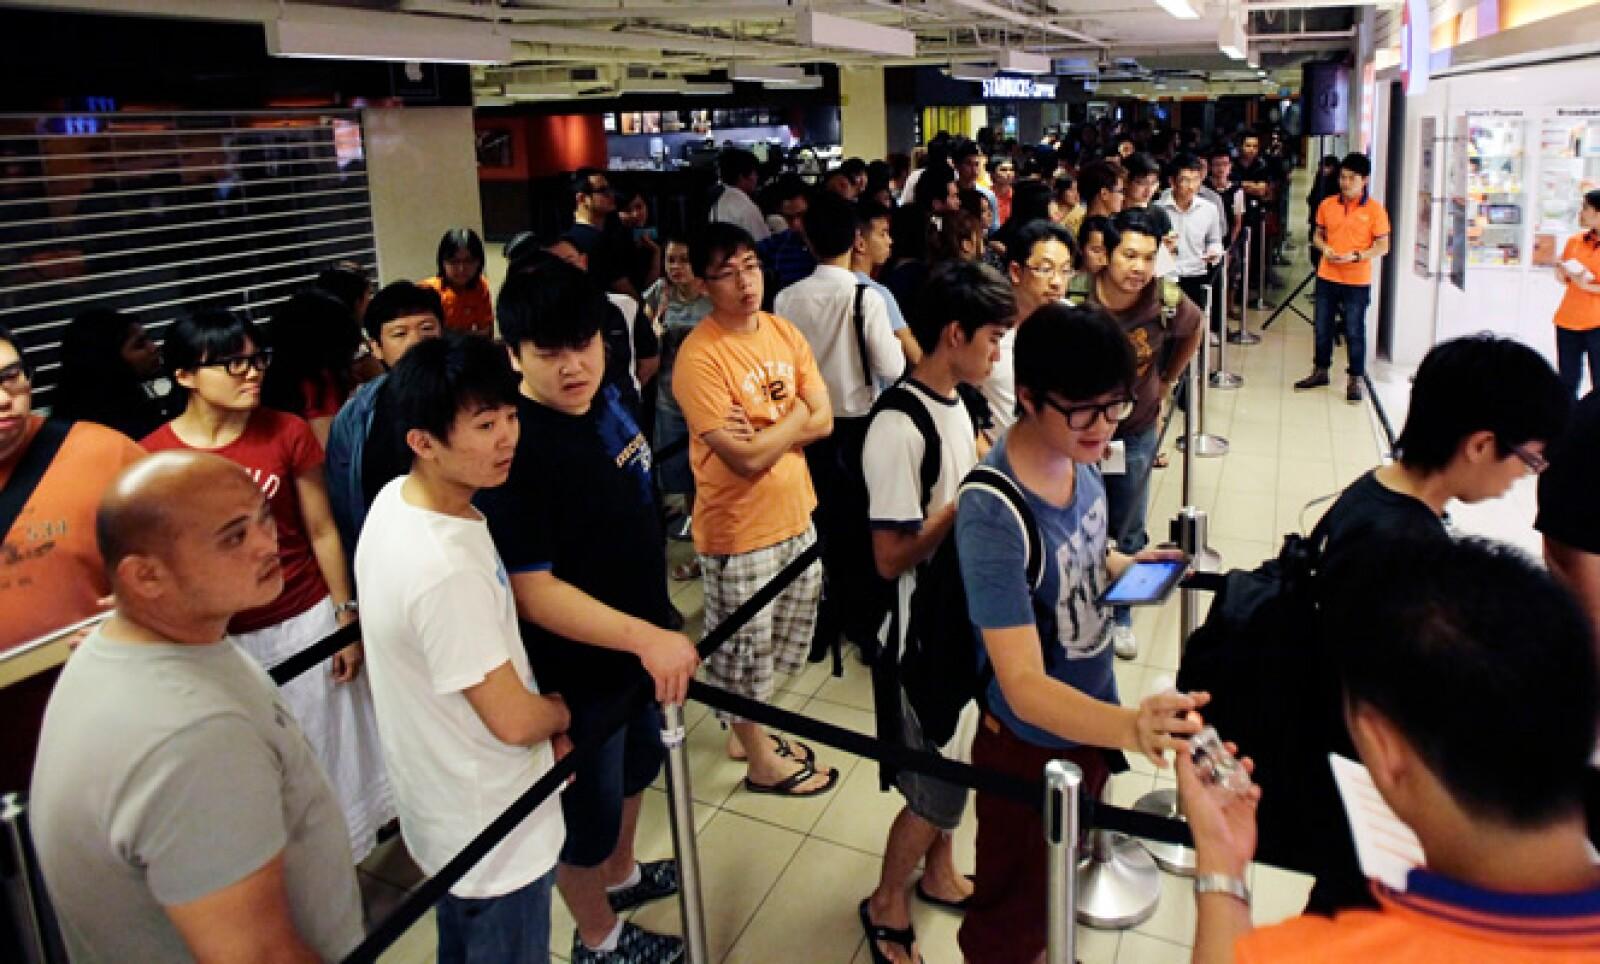 Decenas de personas fueron a la tienda comercial M1 Limited en Singapur para comprar la primer 'tablet' de Apple con tecnología Long Term Evolution (LTE) o 4G.